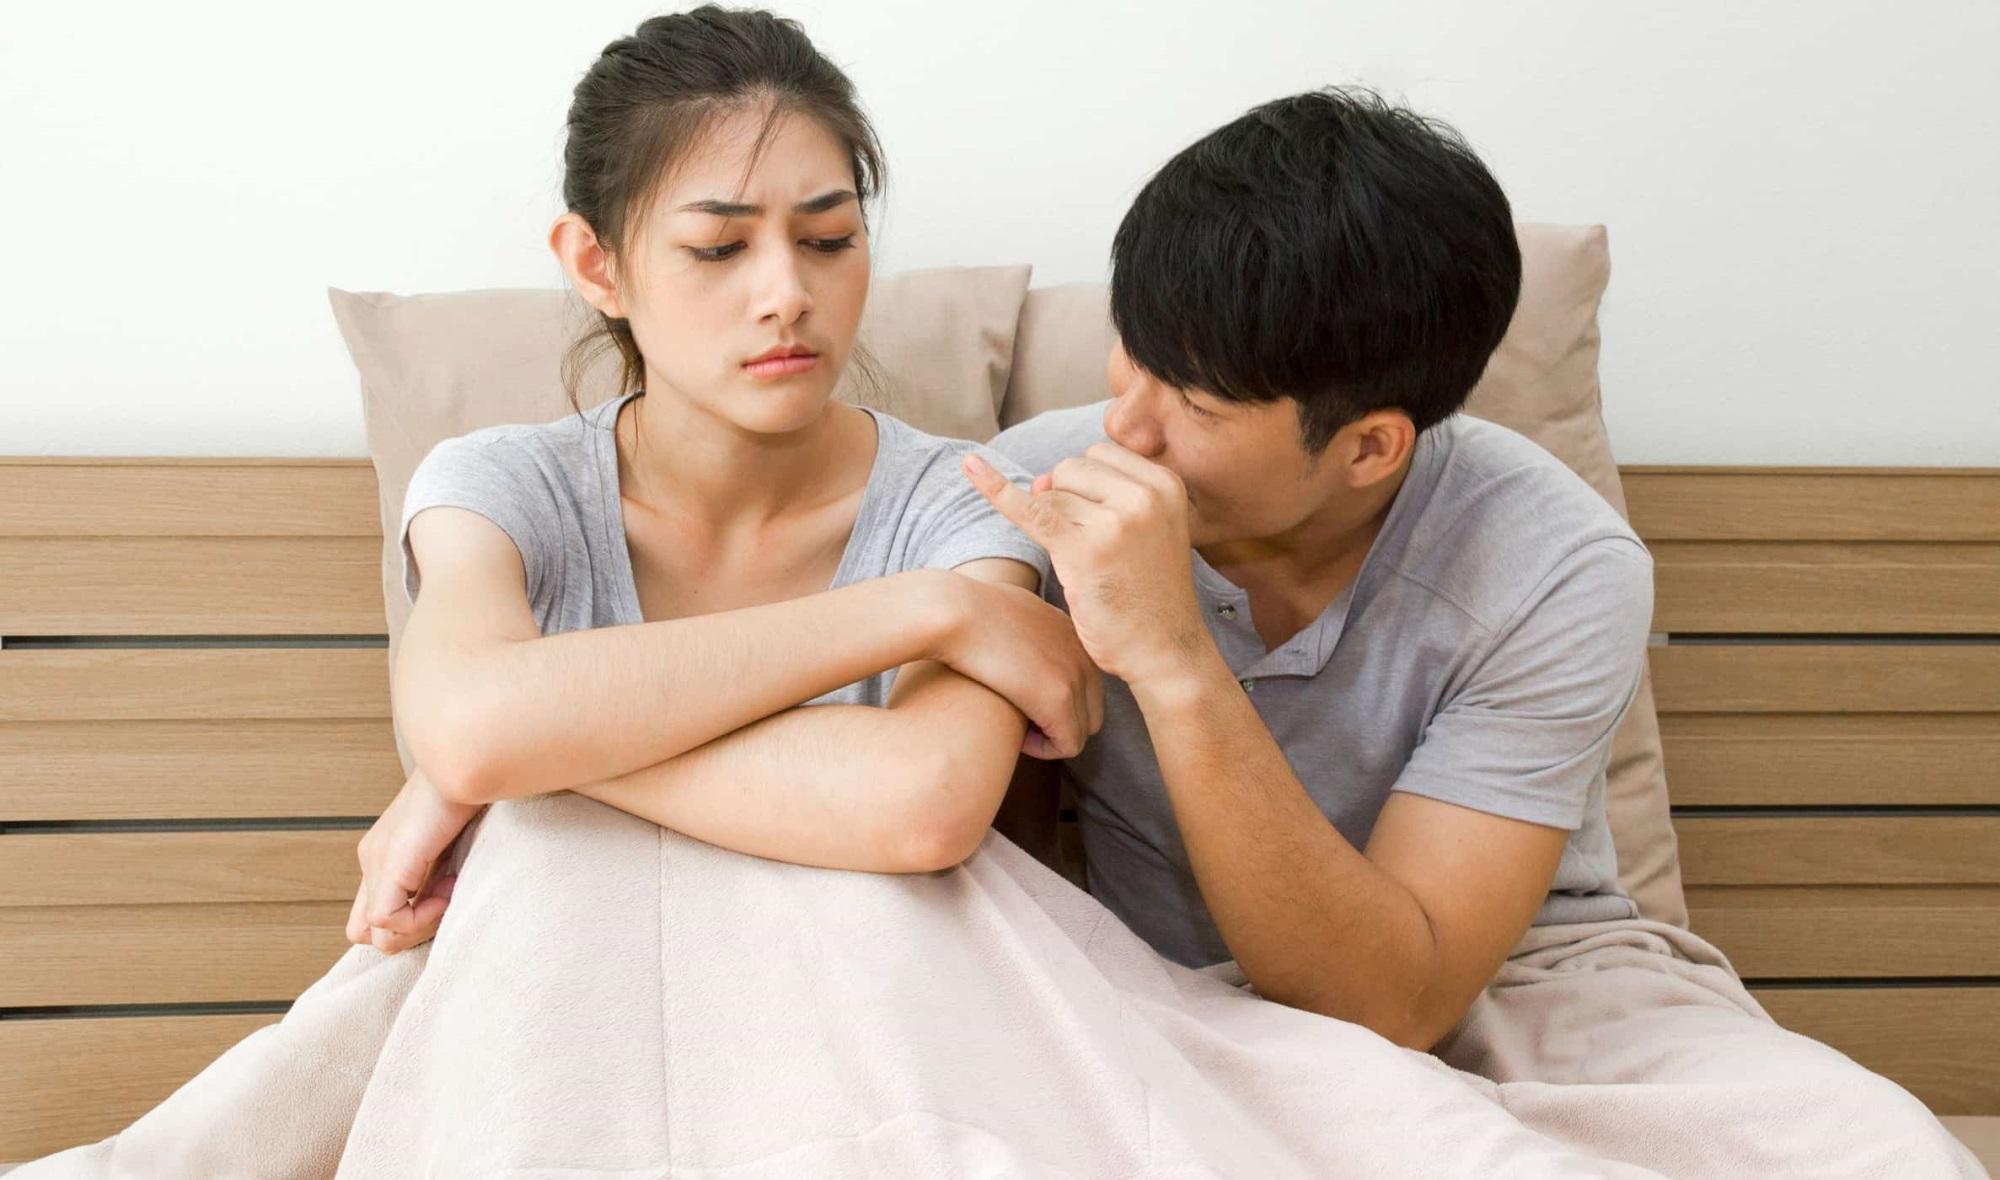 5 bí quyết khiến đời sống tình dục của bạn đang 'tụt dốc' bỗng 'thăng hoa' trở lại - Ảnh 3